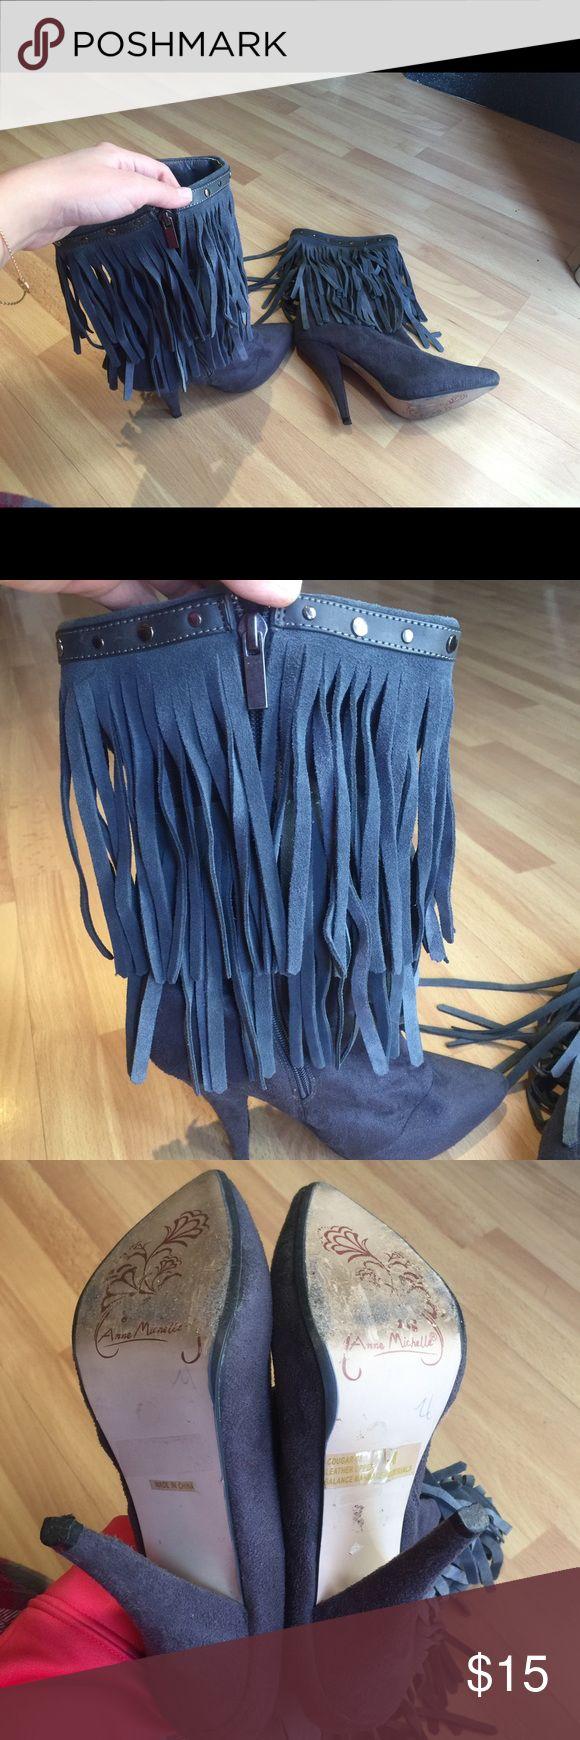 Grey high heel boots Grey high heel boots used Anne Michelle Shoes Heels